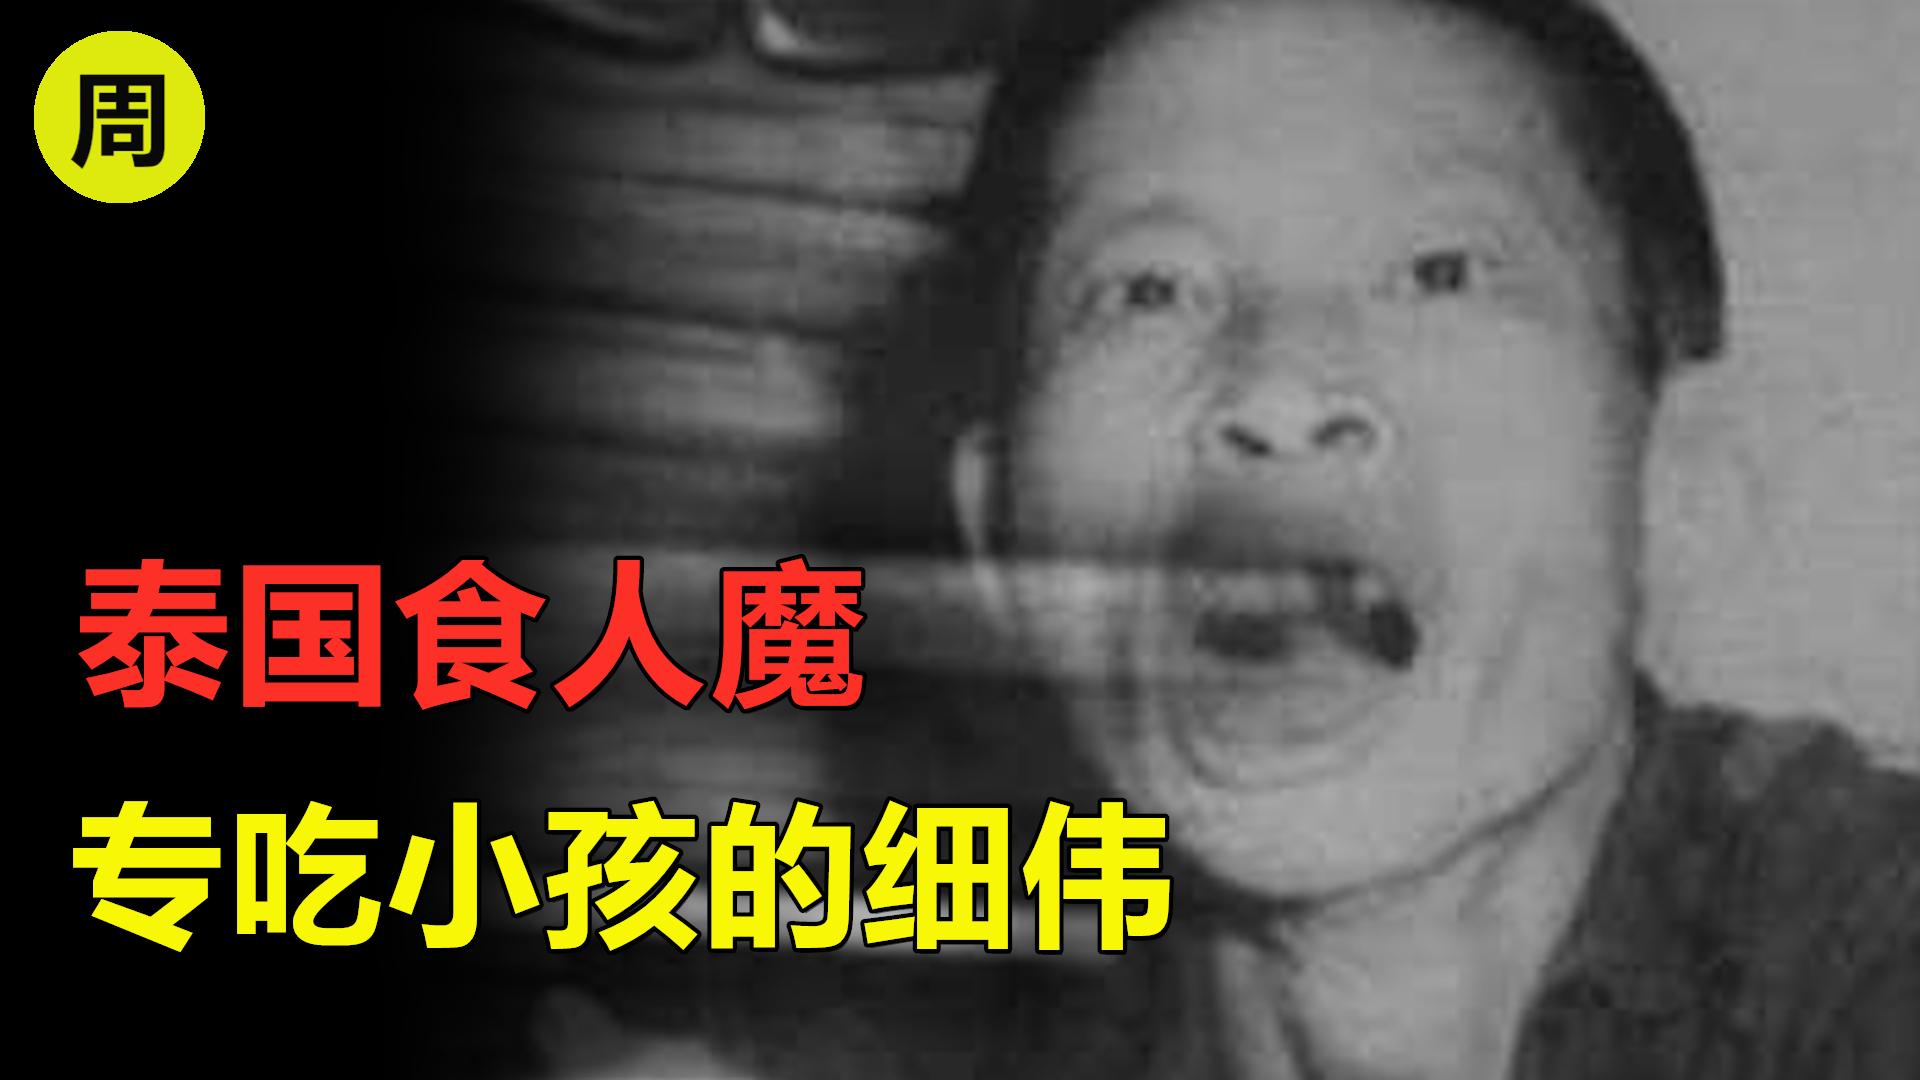 为了治病连环杀害6名小孩,抗日退伍军人为何在泰国成为食人魔?死后尸体被展示61年